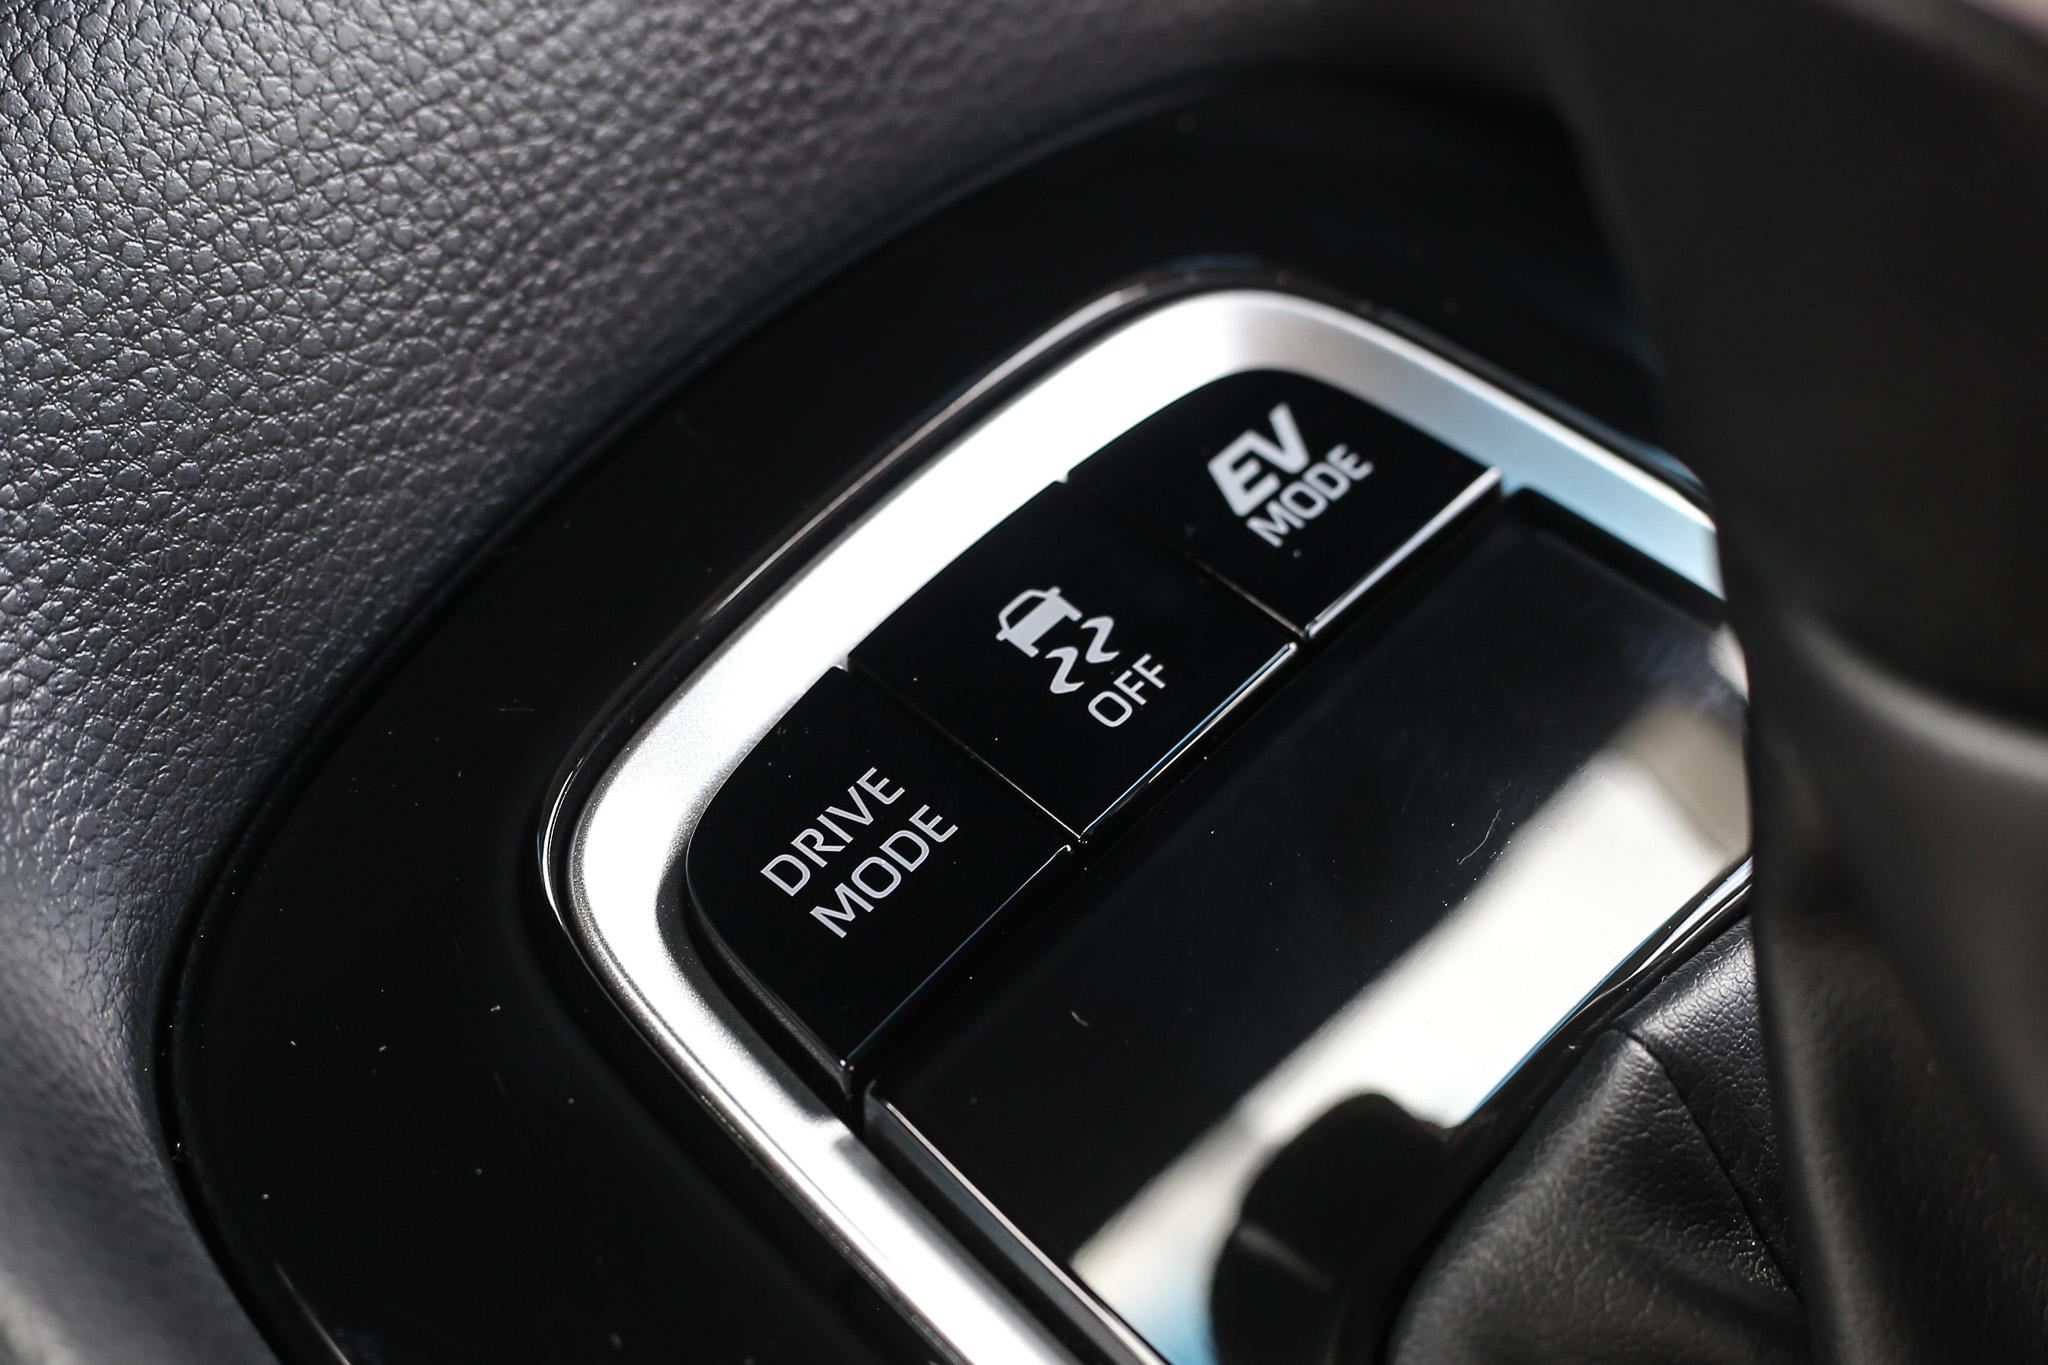 同時也配備有駕駛模式調整功能與純電行駛模式。